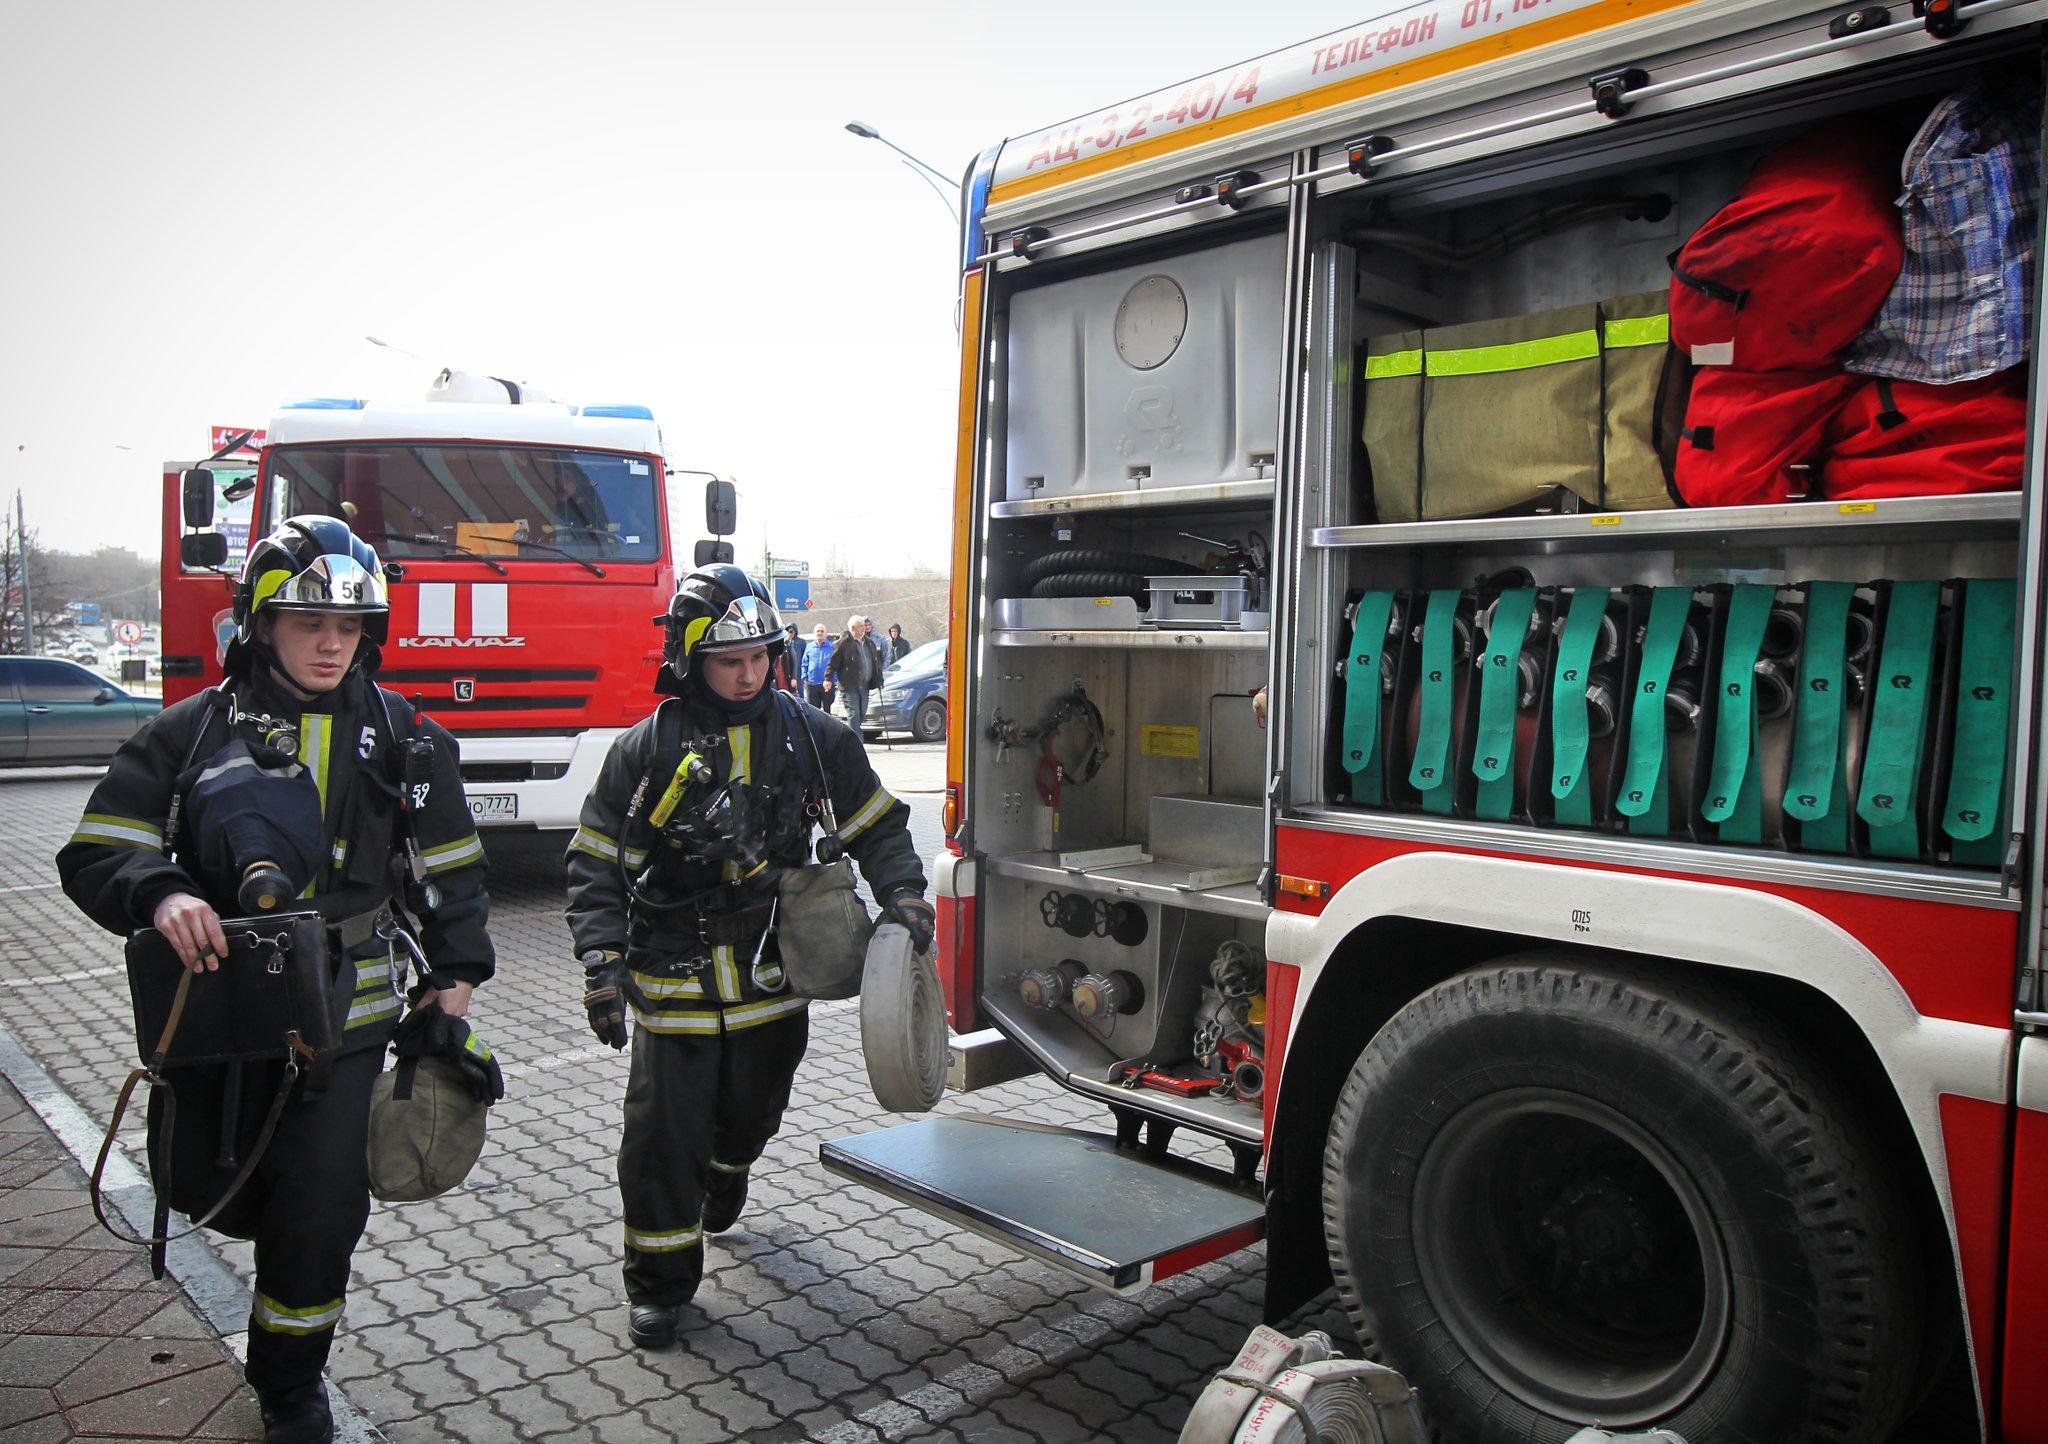 Проект о частной пожарной охране в крупных ТЦ внесли в Госдуму